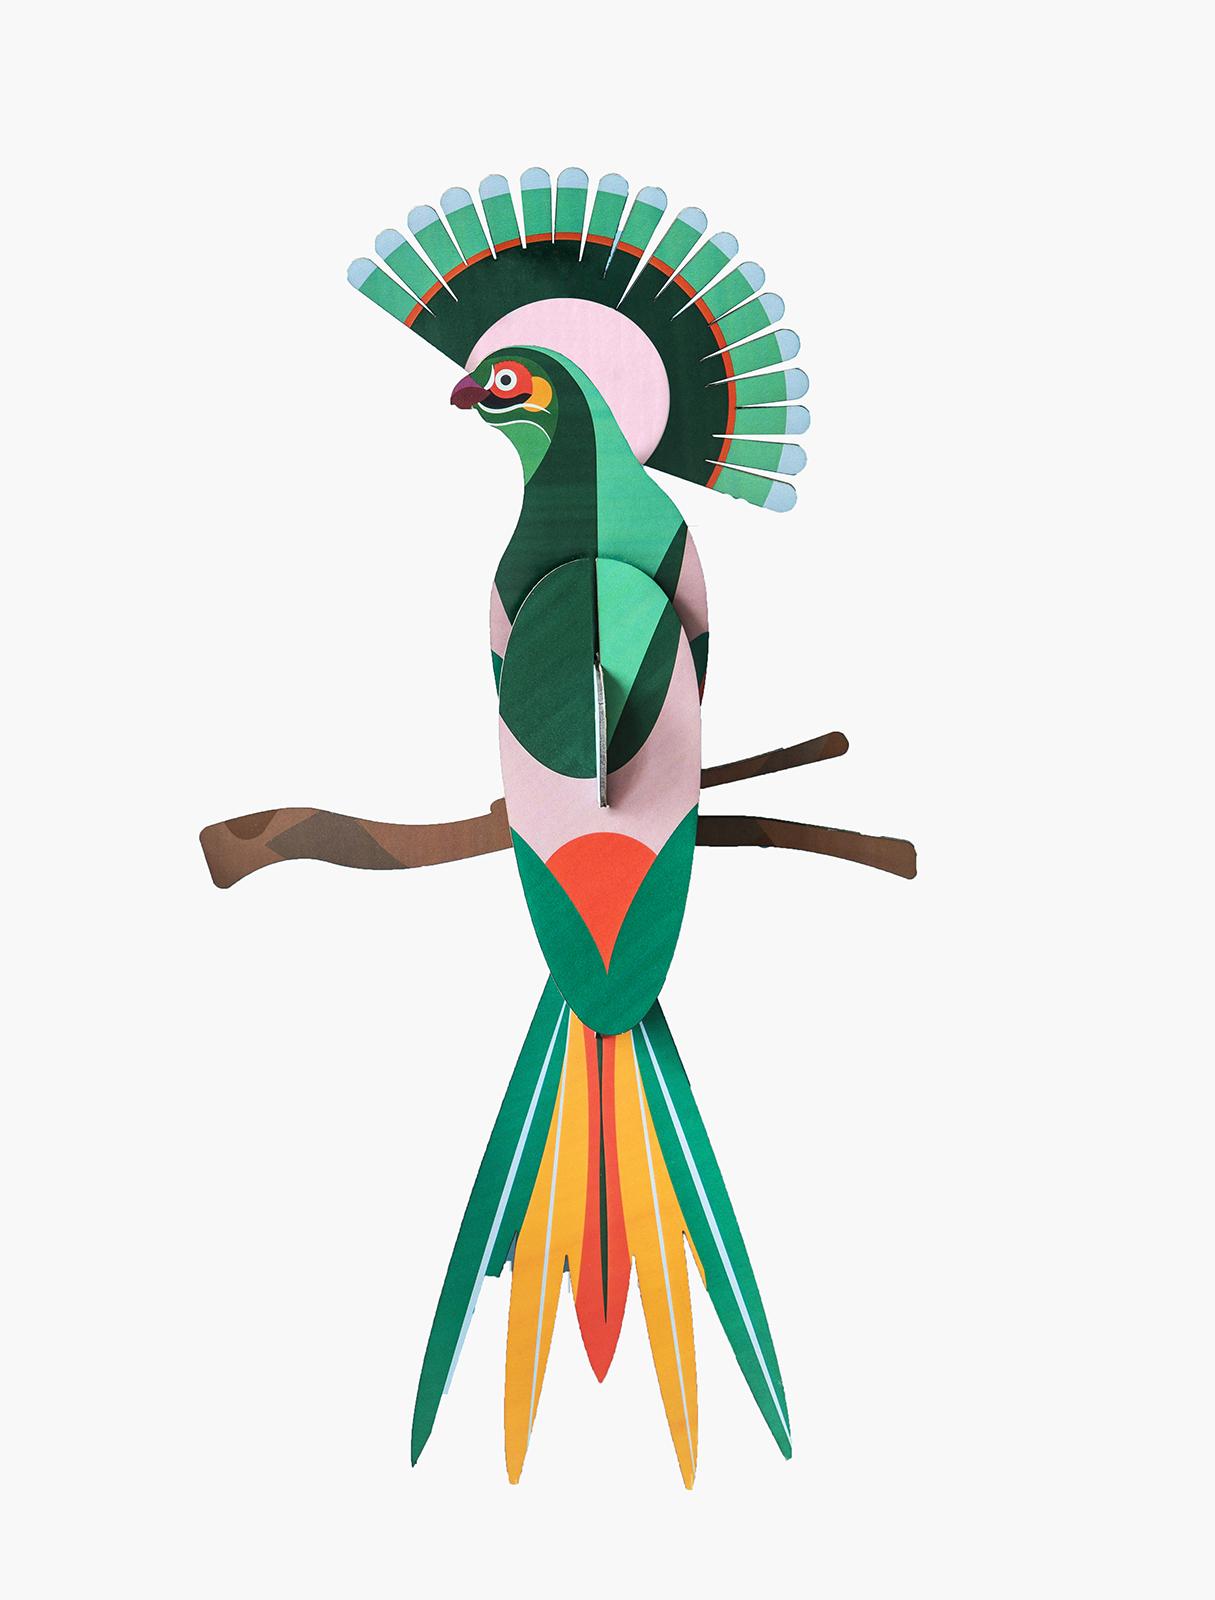 Paradijsvogel Gili Studio roof bij Angelart kunst en zo Hattem paradijs vogel